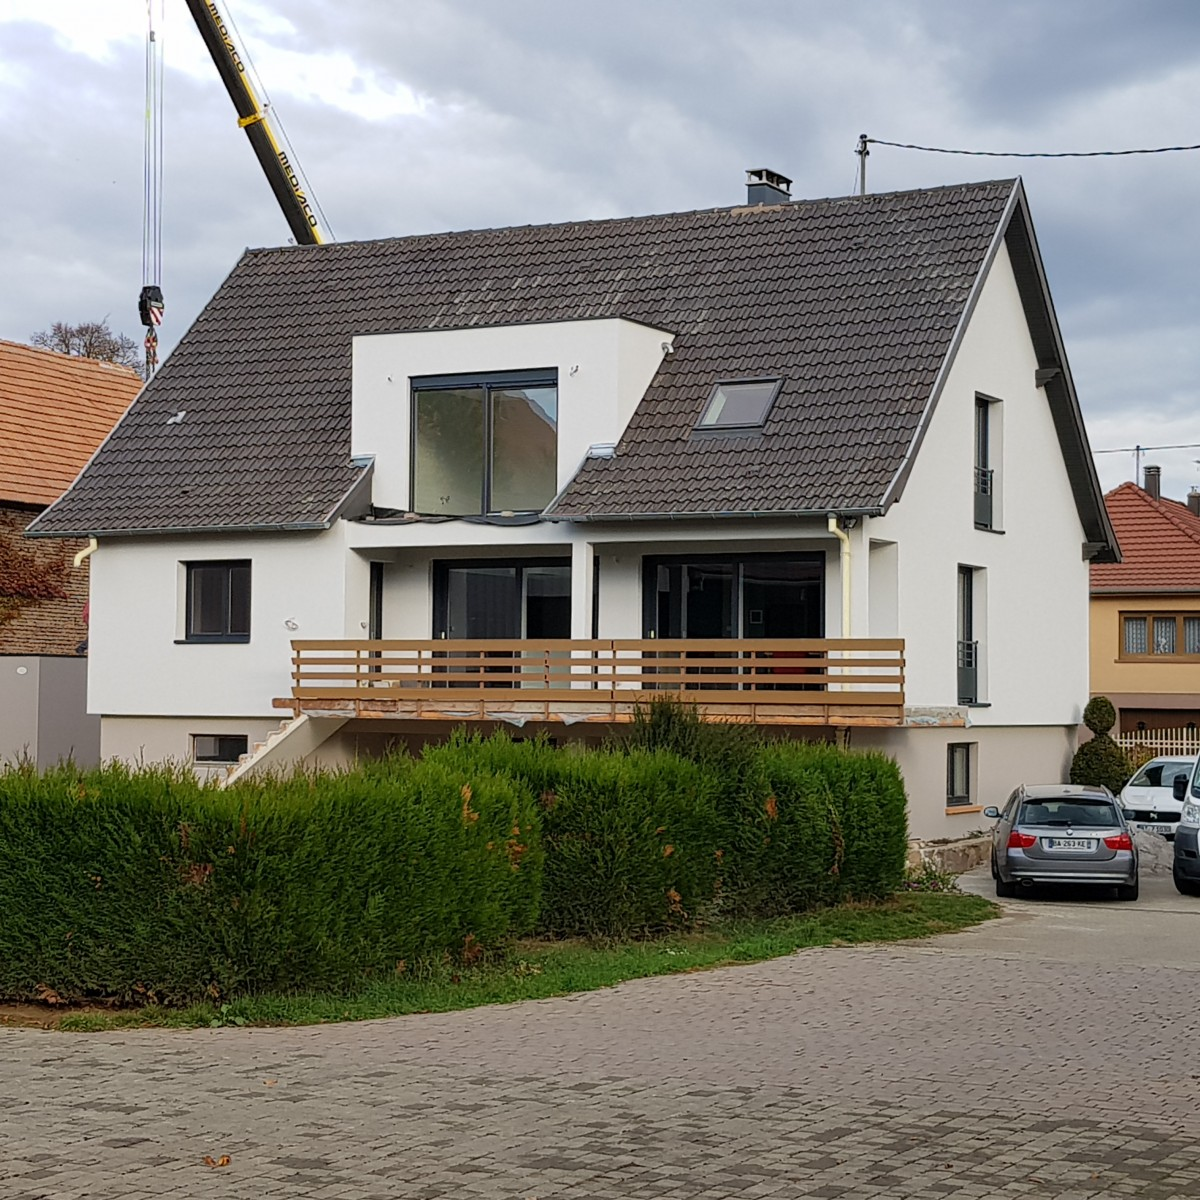 Rénovation d'une maison alsace